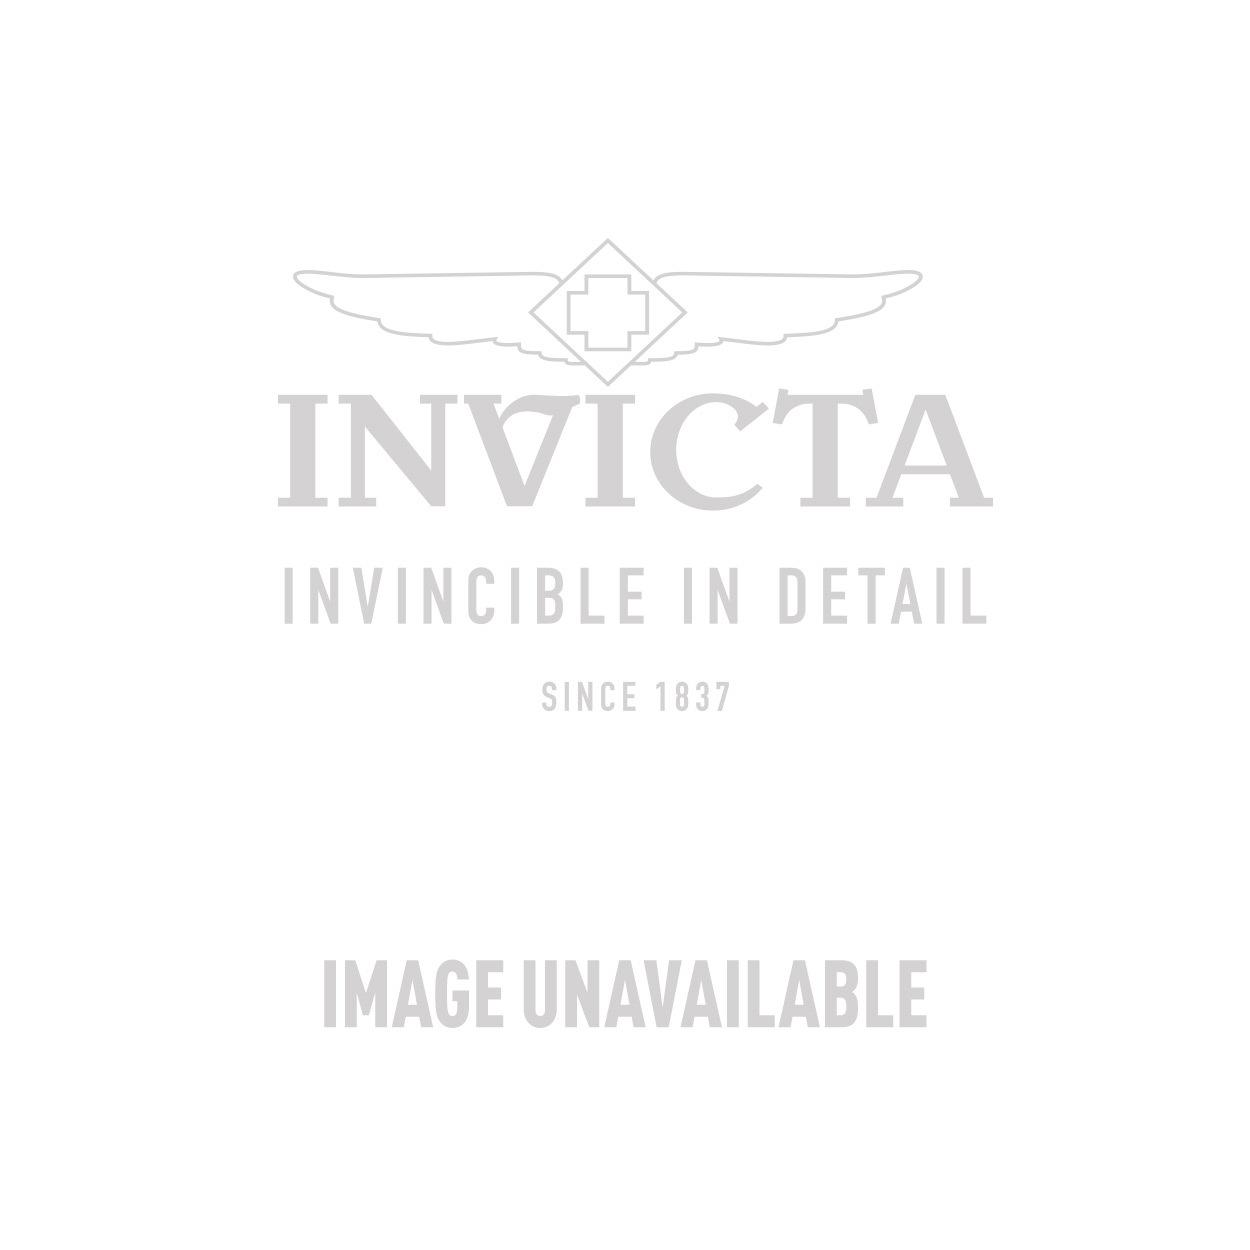 Invicta Model 25860